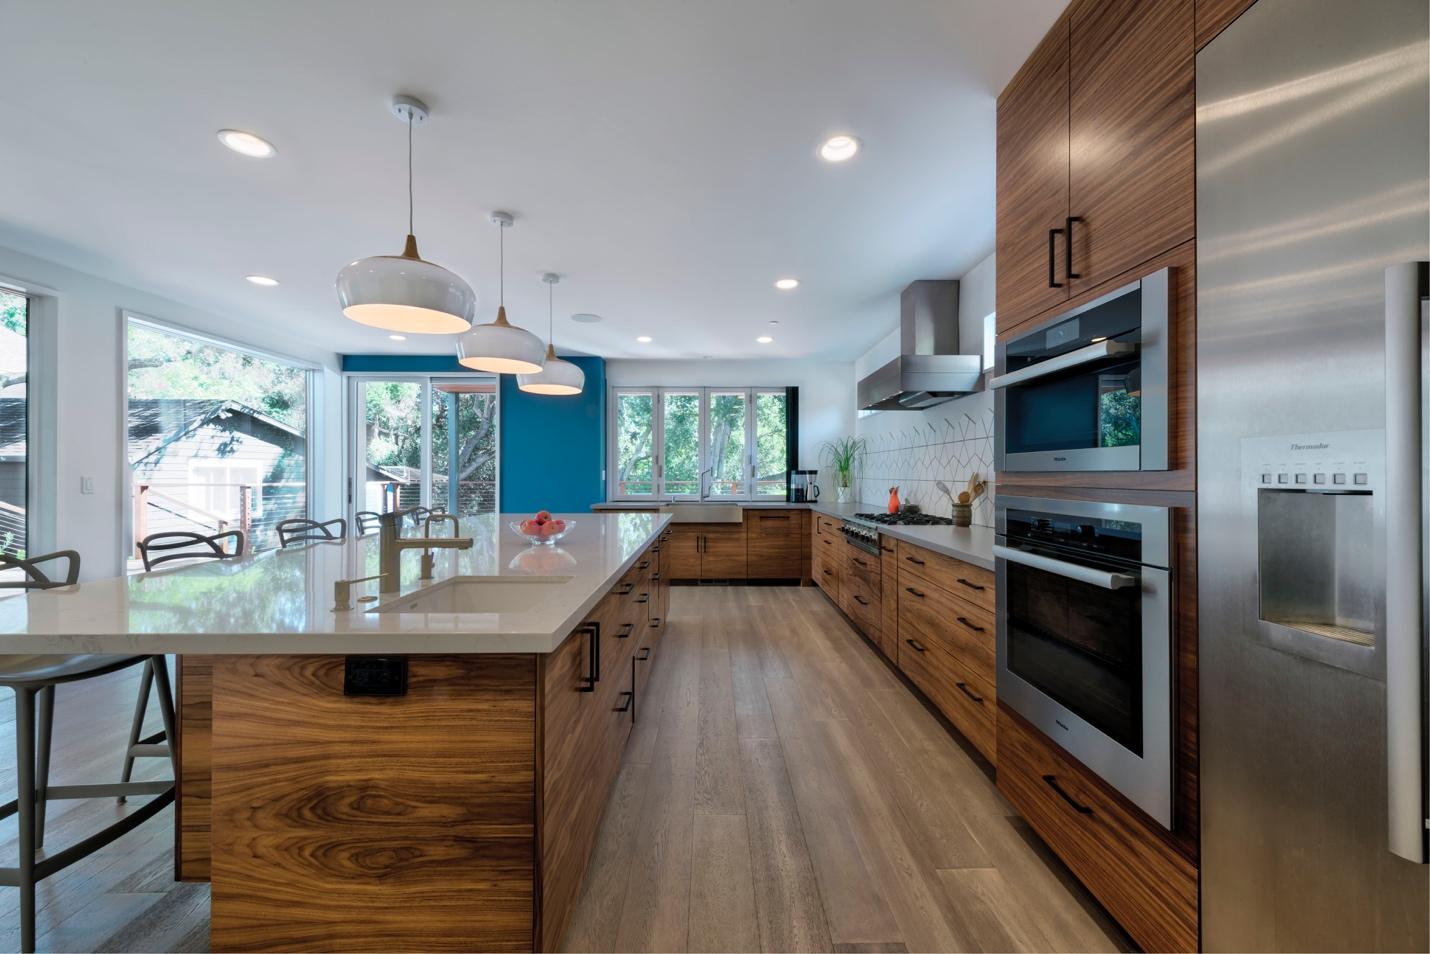 Wooden kitchen work, modern design,Mdesignarchitect, Dinning+Tv lounge design,Los Altos